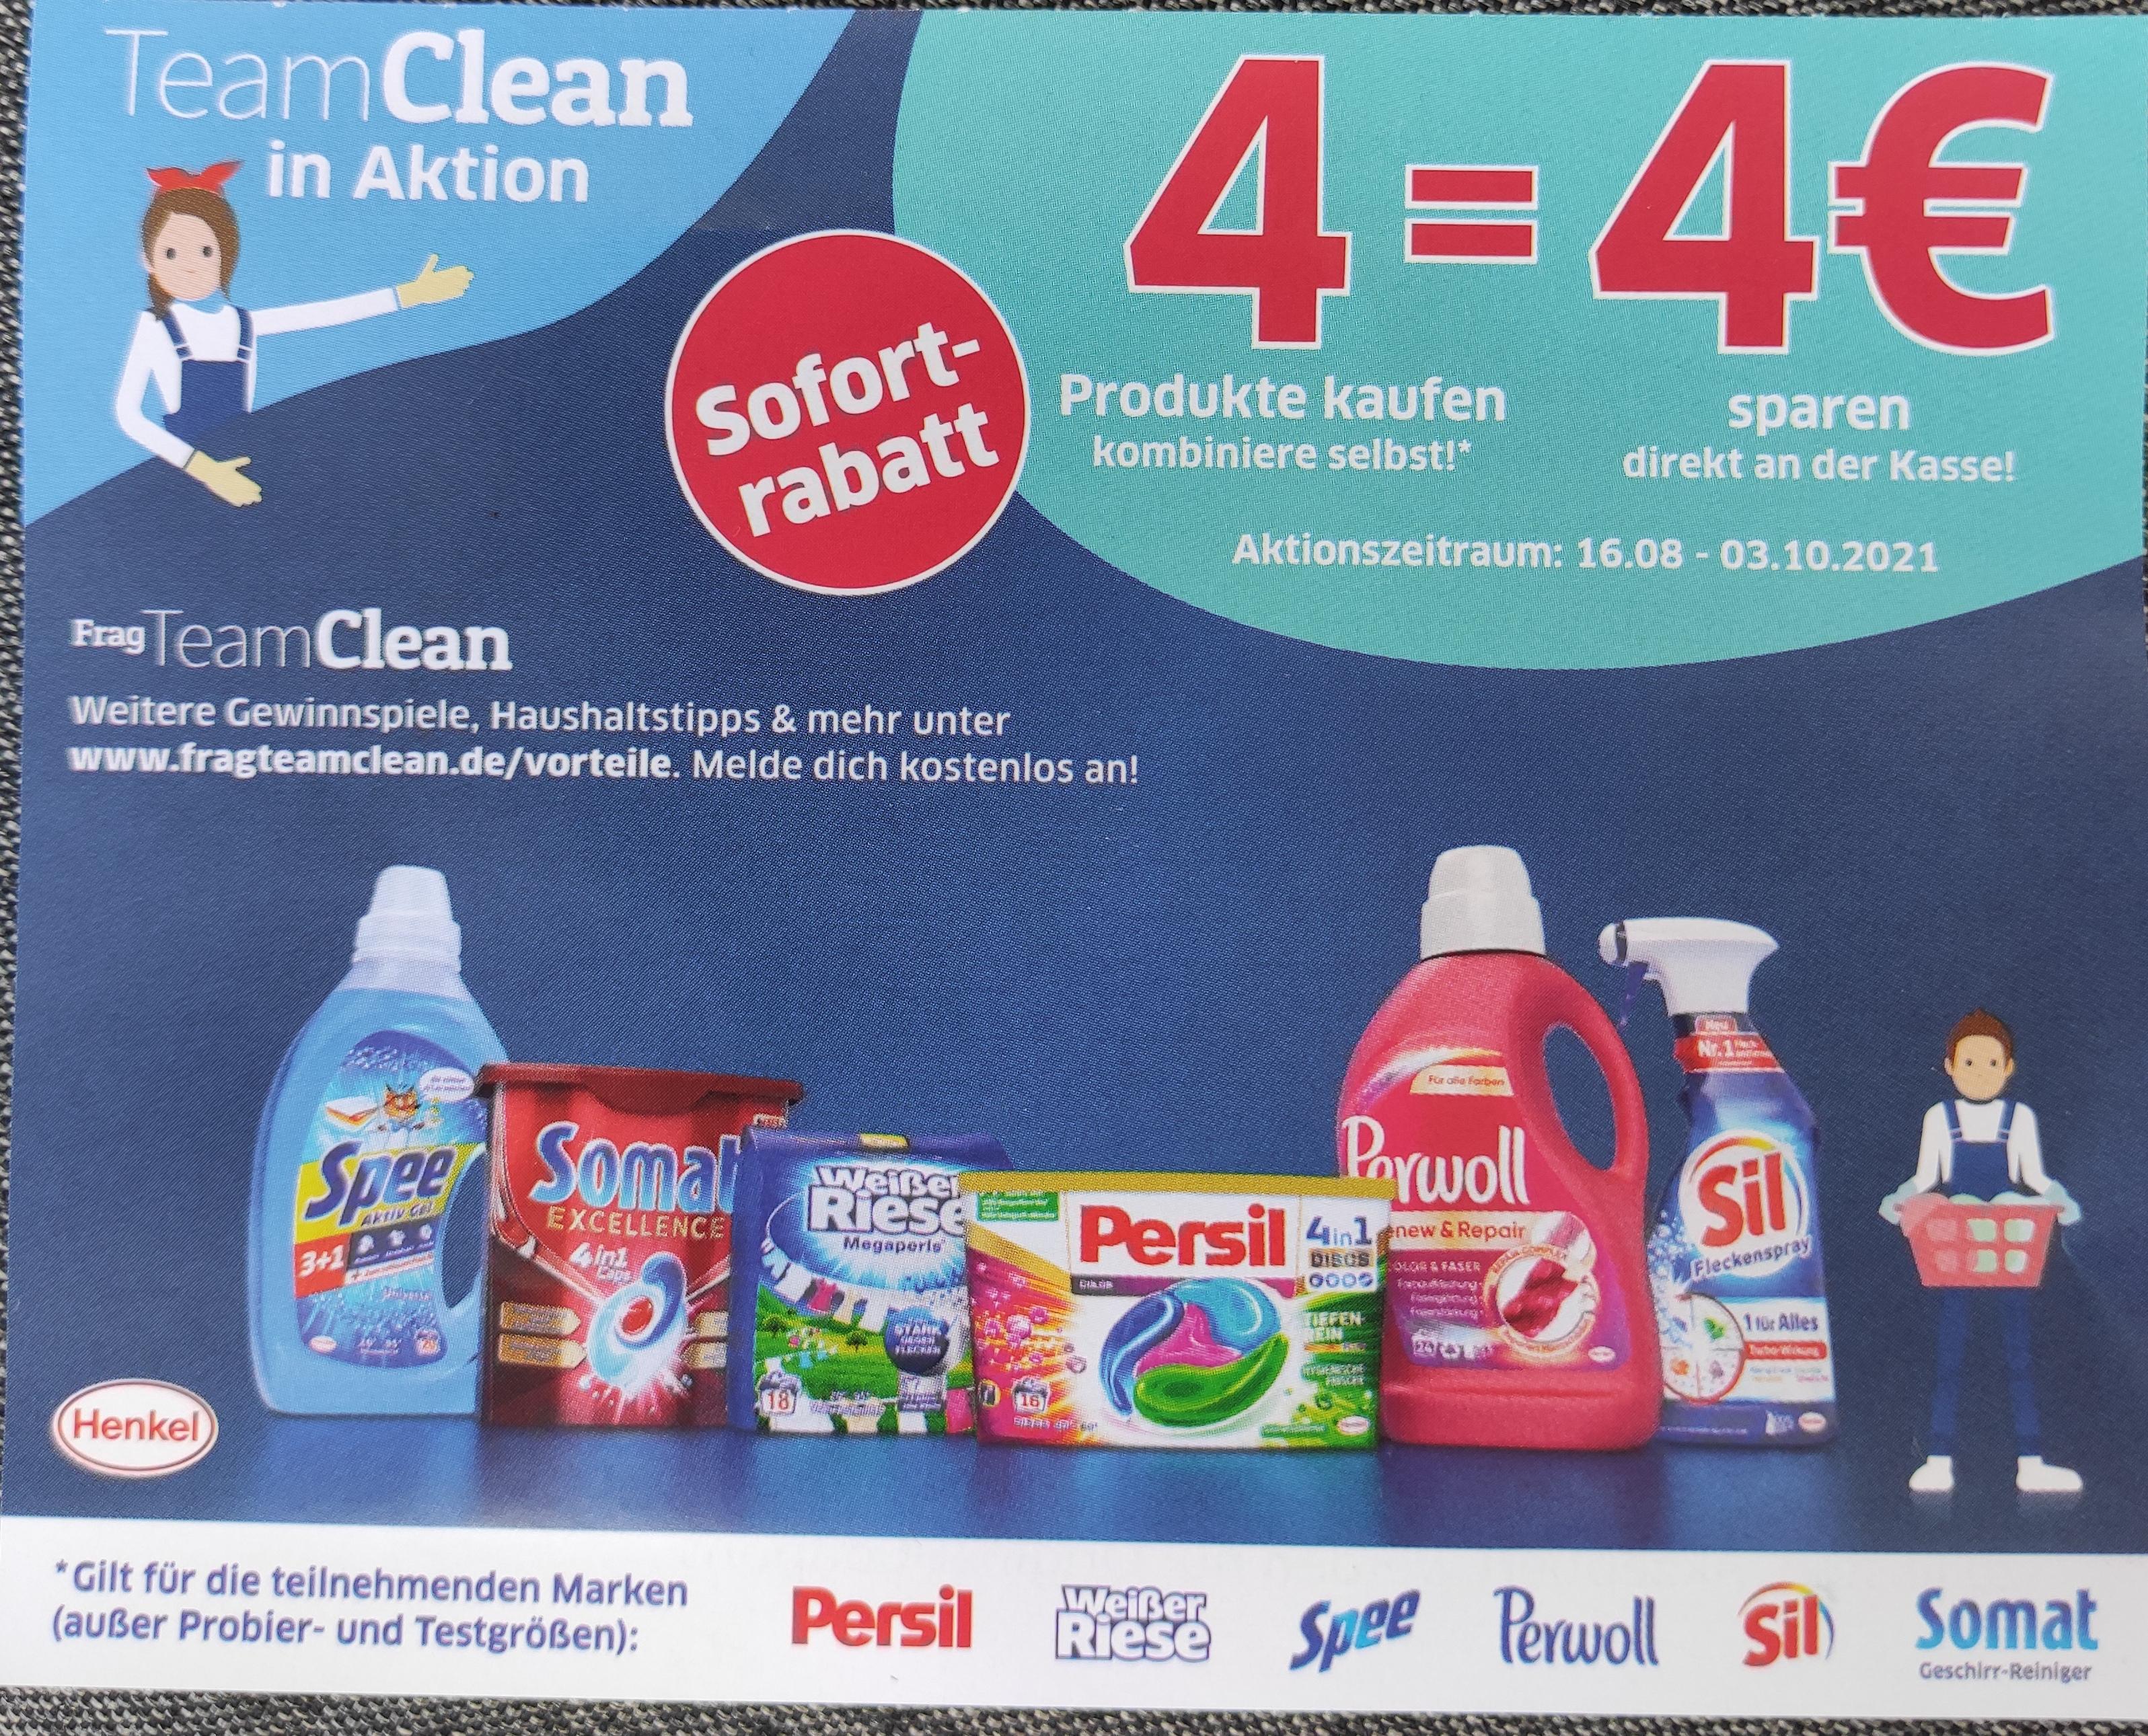 4 Produkte = 4 Euro Sofortrabatt kombiniere selbst Henkel Coupon